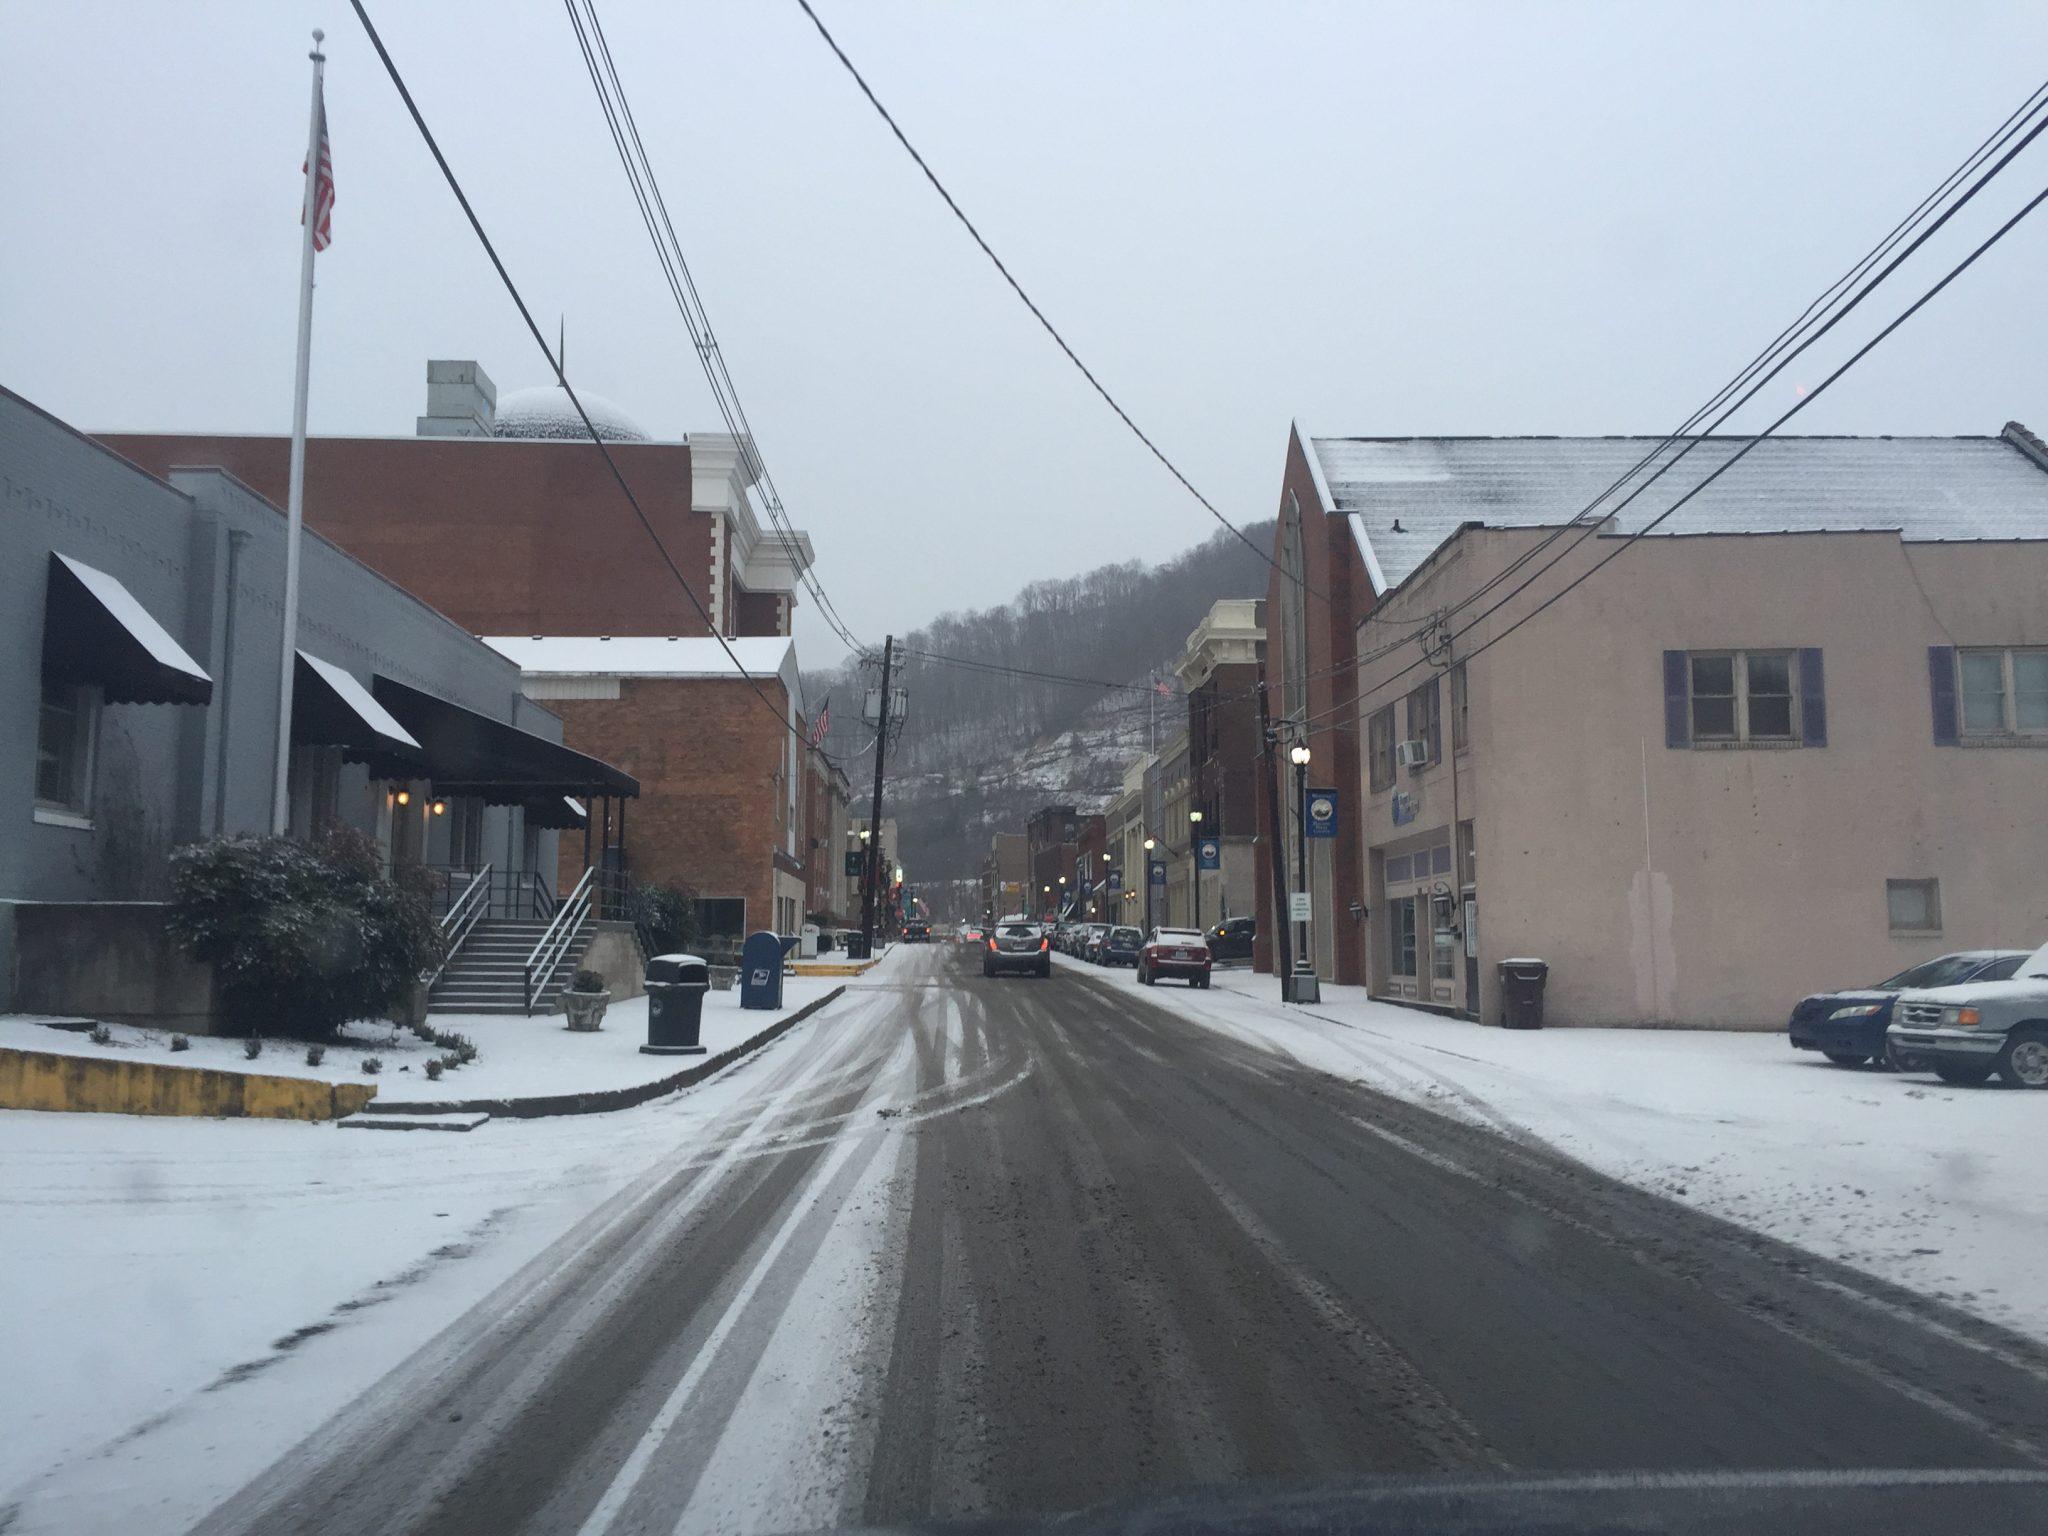 Snowy Hazard